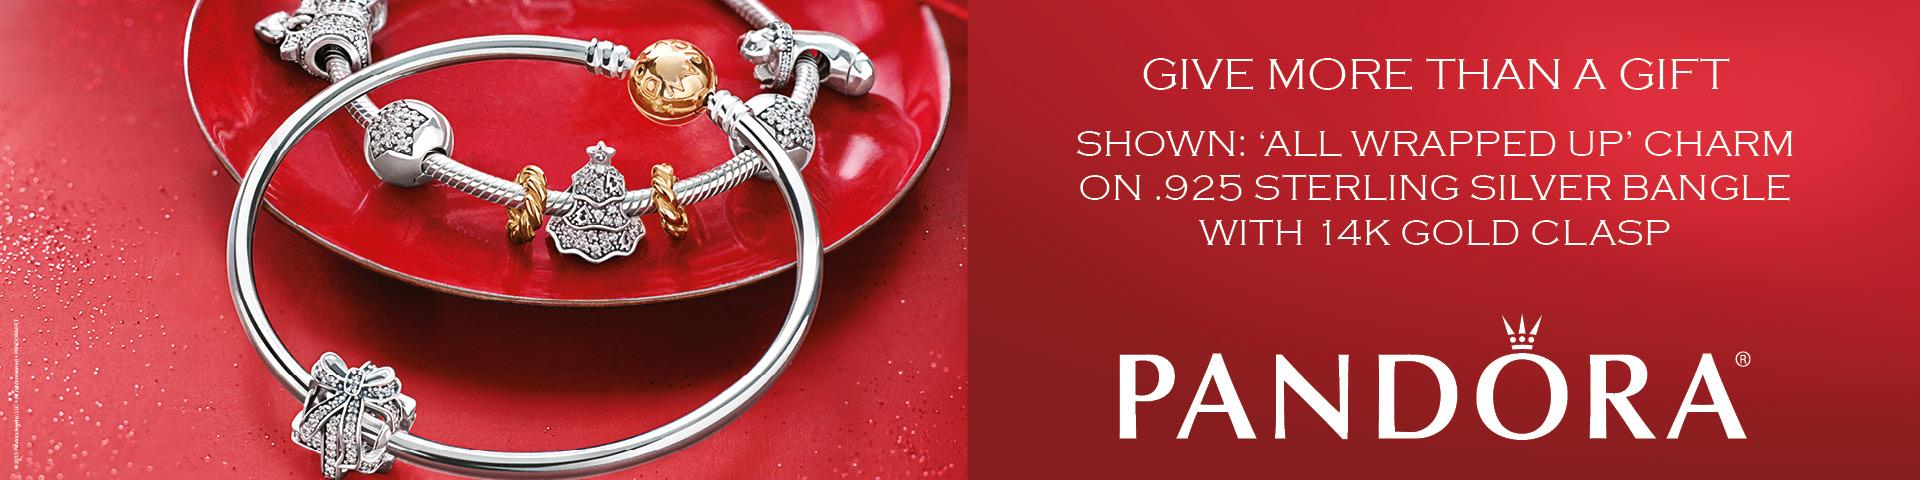 Pandora More than a gift